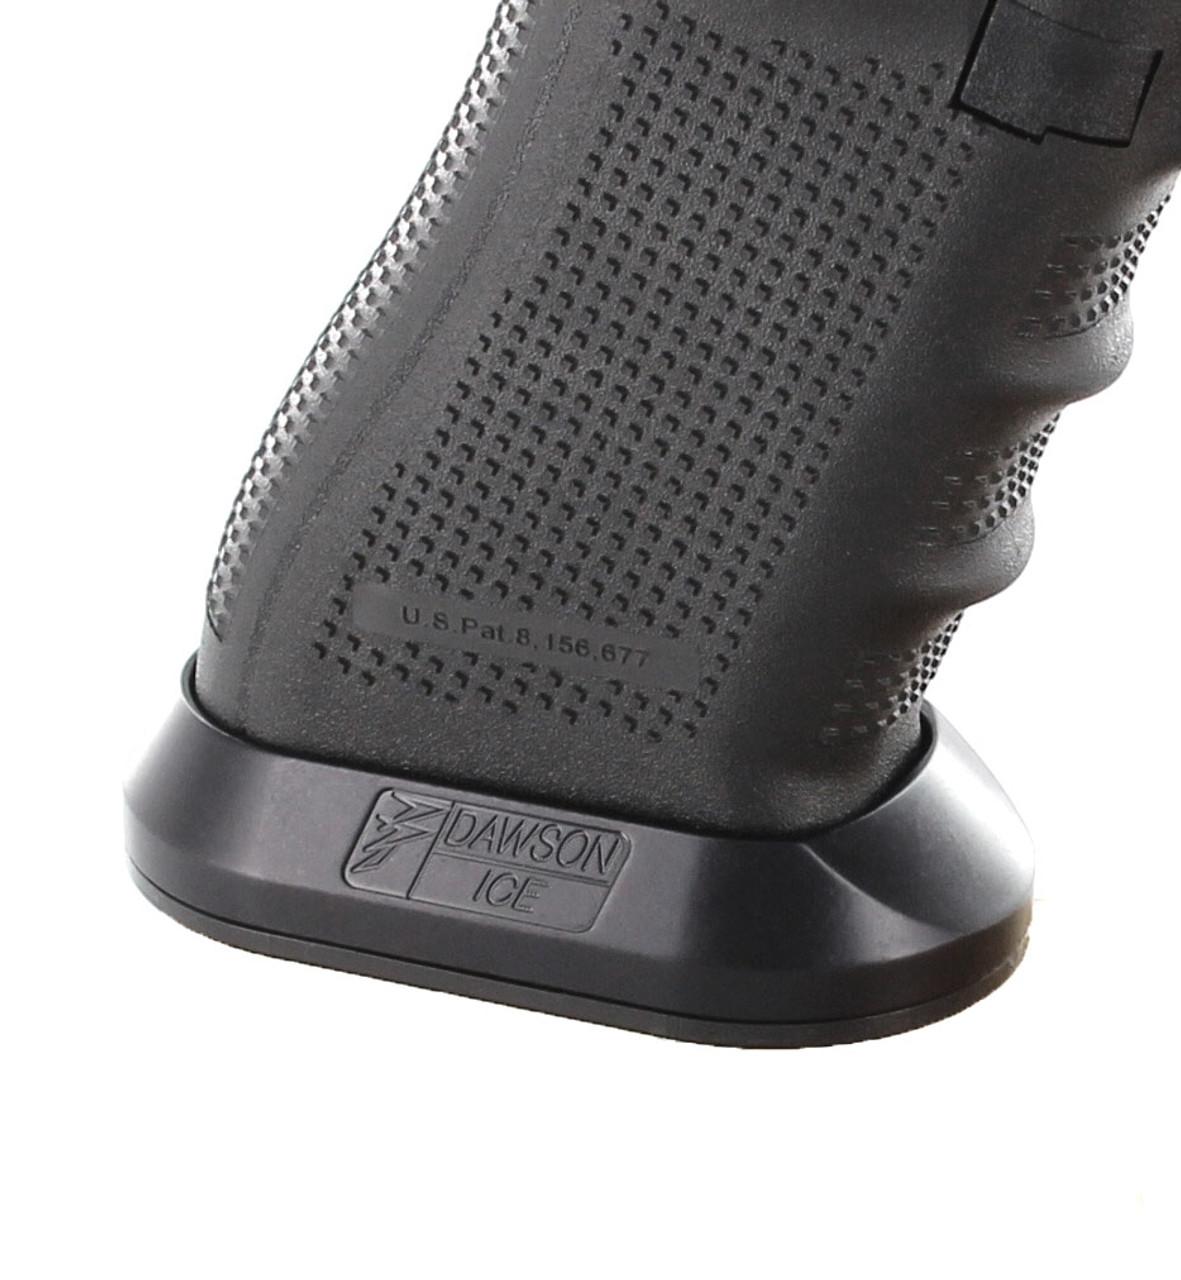 Magwell Glock Gen 1-3 Ice® by Dawson Precision